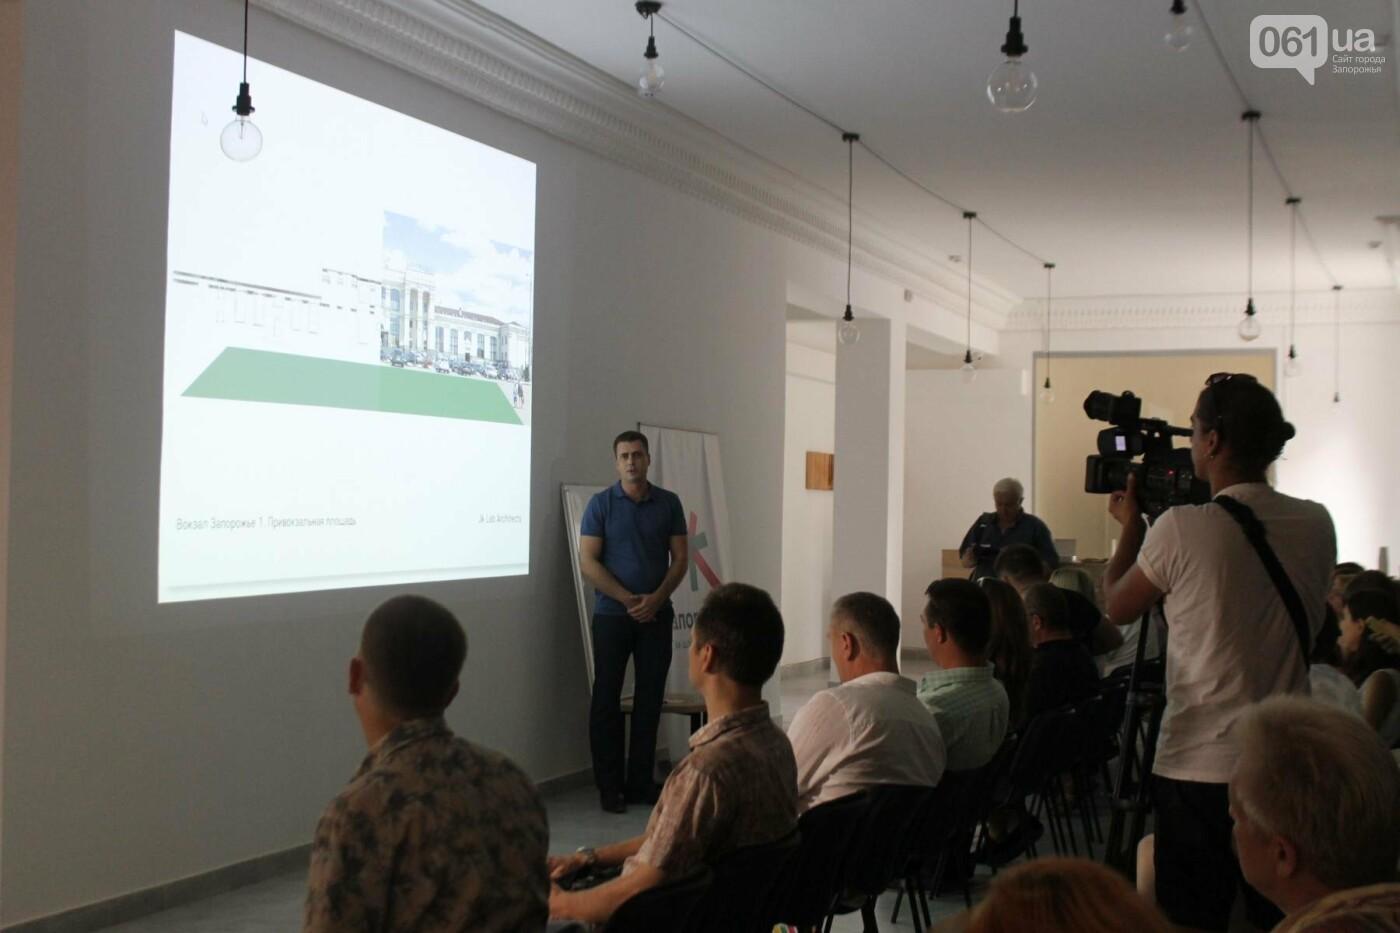 В Запорожье провели мозговой штурм и обсудили будущий проект Привокзальной площади, – ФОТОРЕПОРТАЖ, фото-2